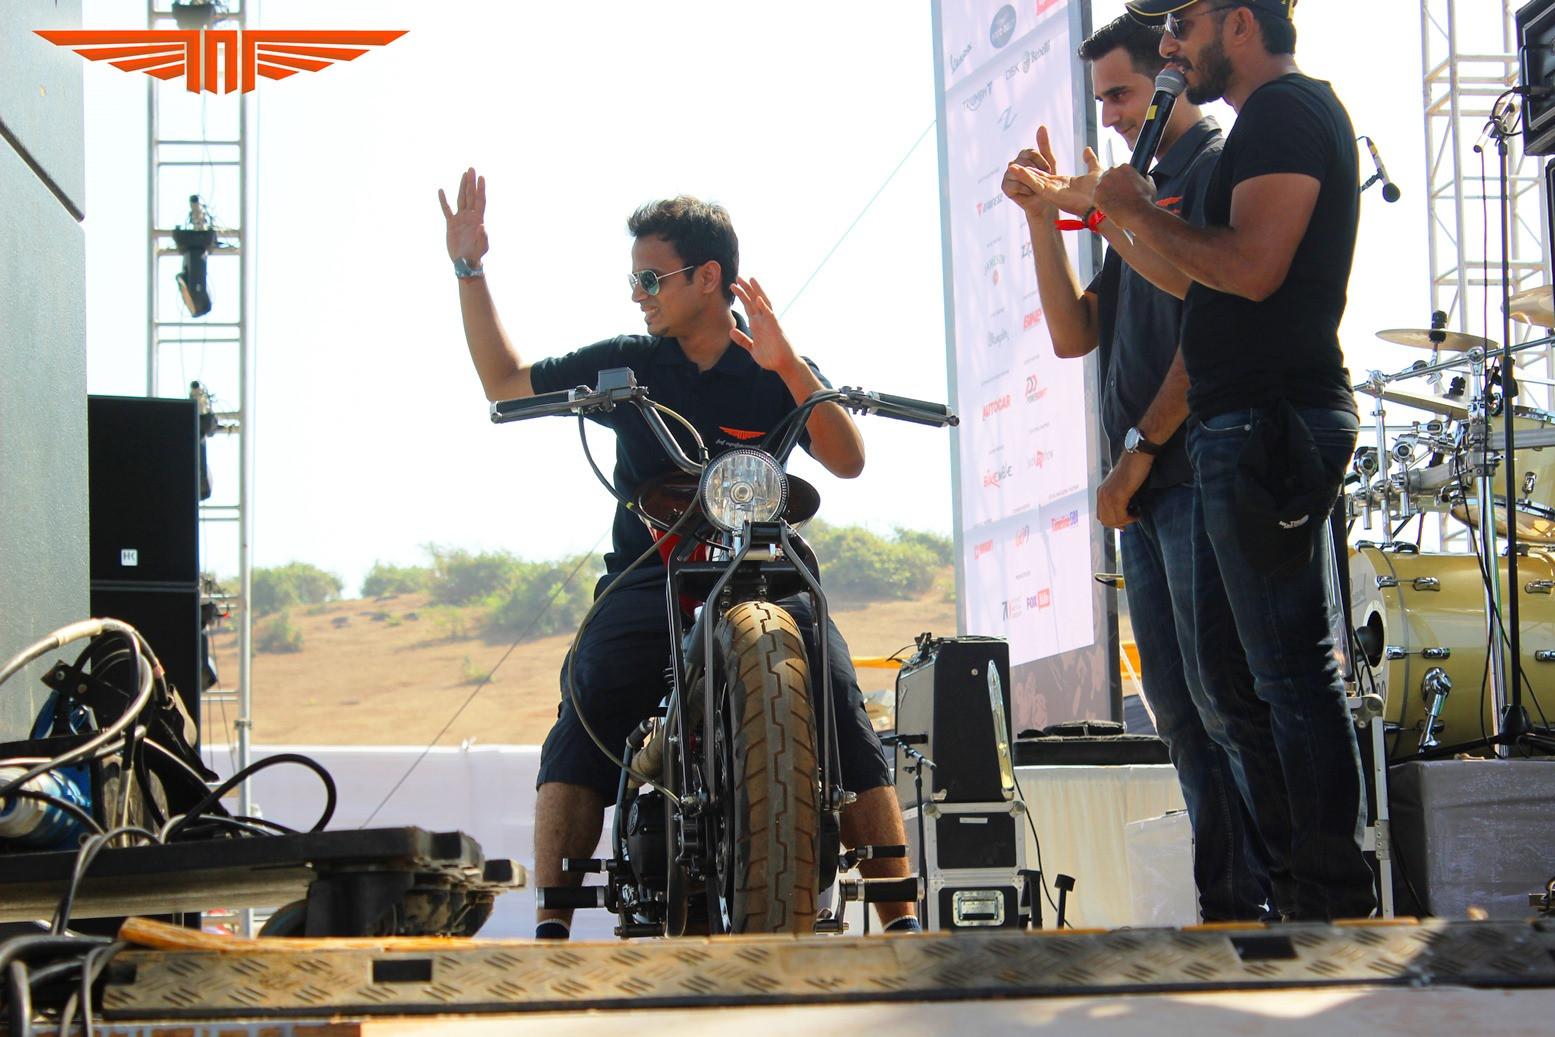 INDIA BIKE WEEK 2015